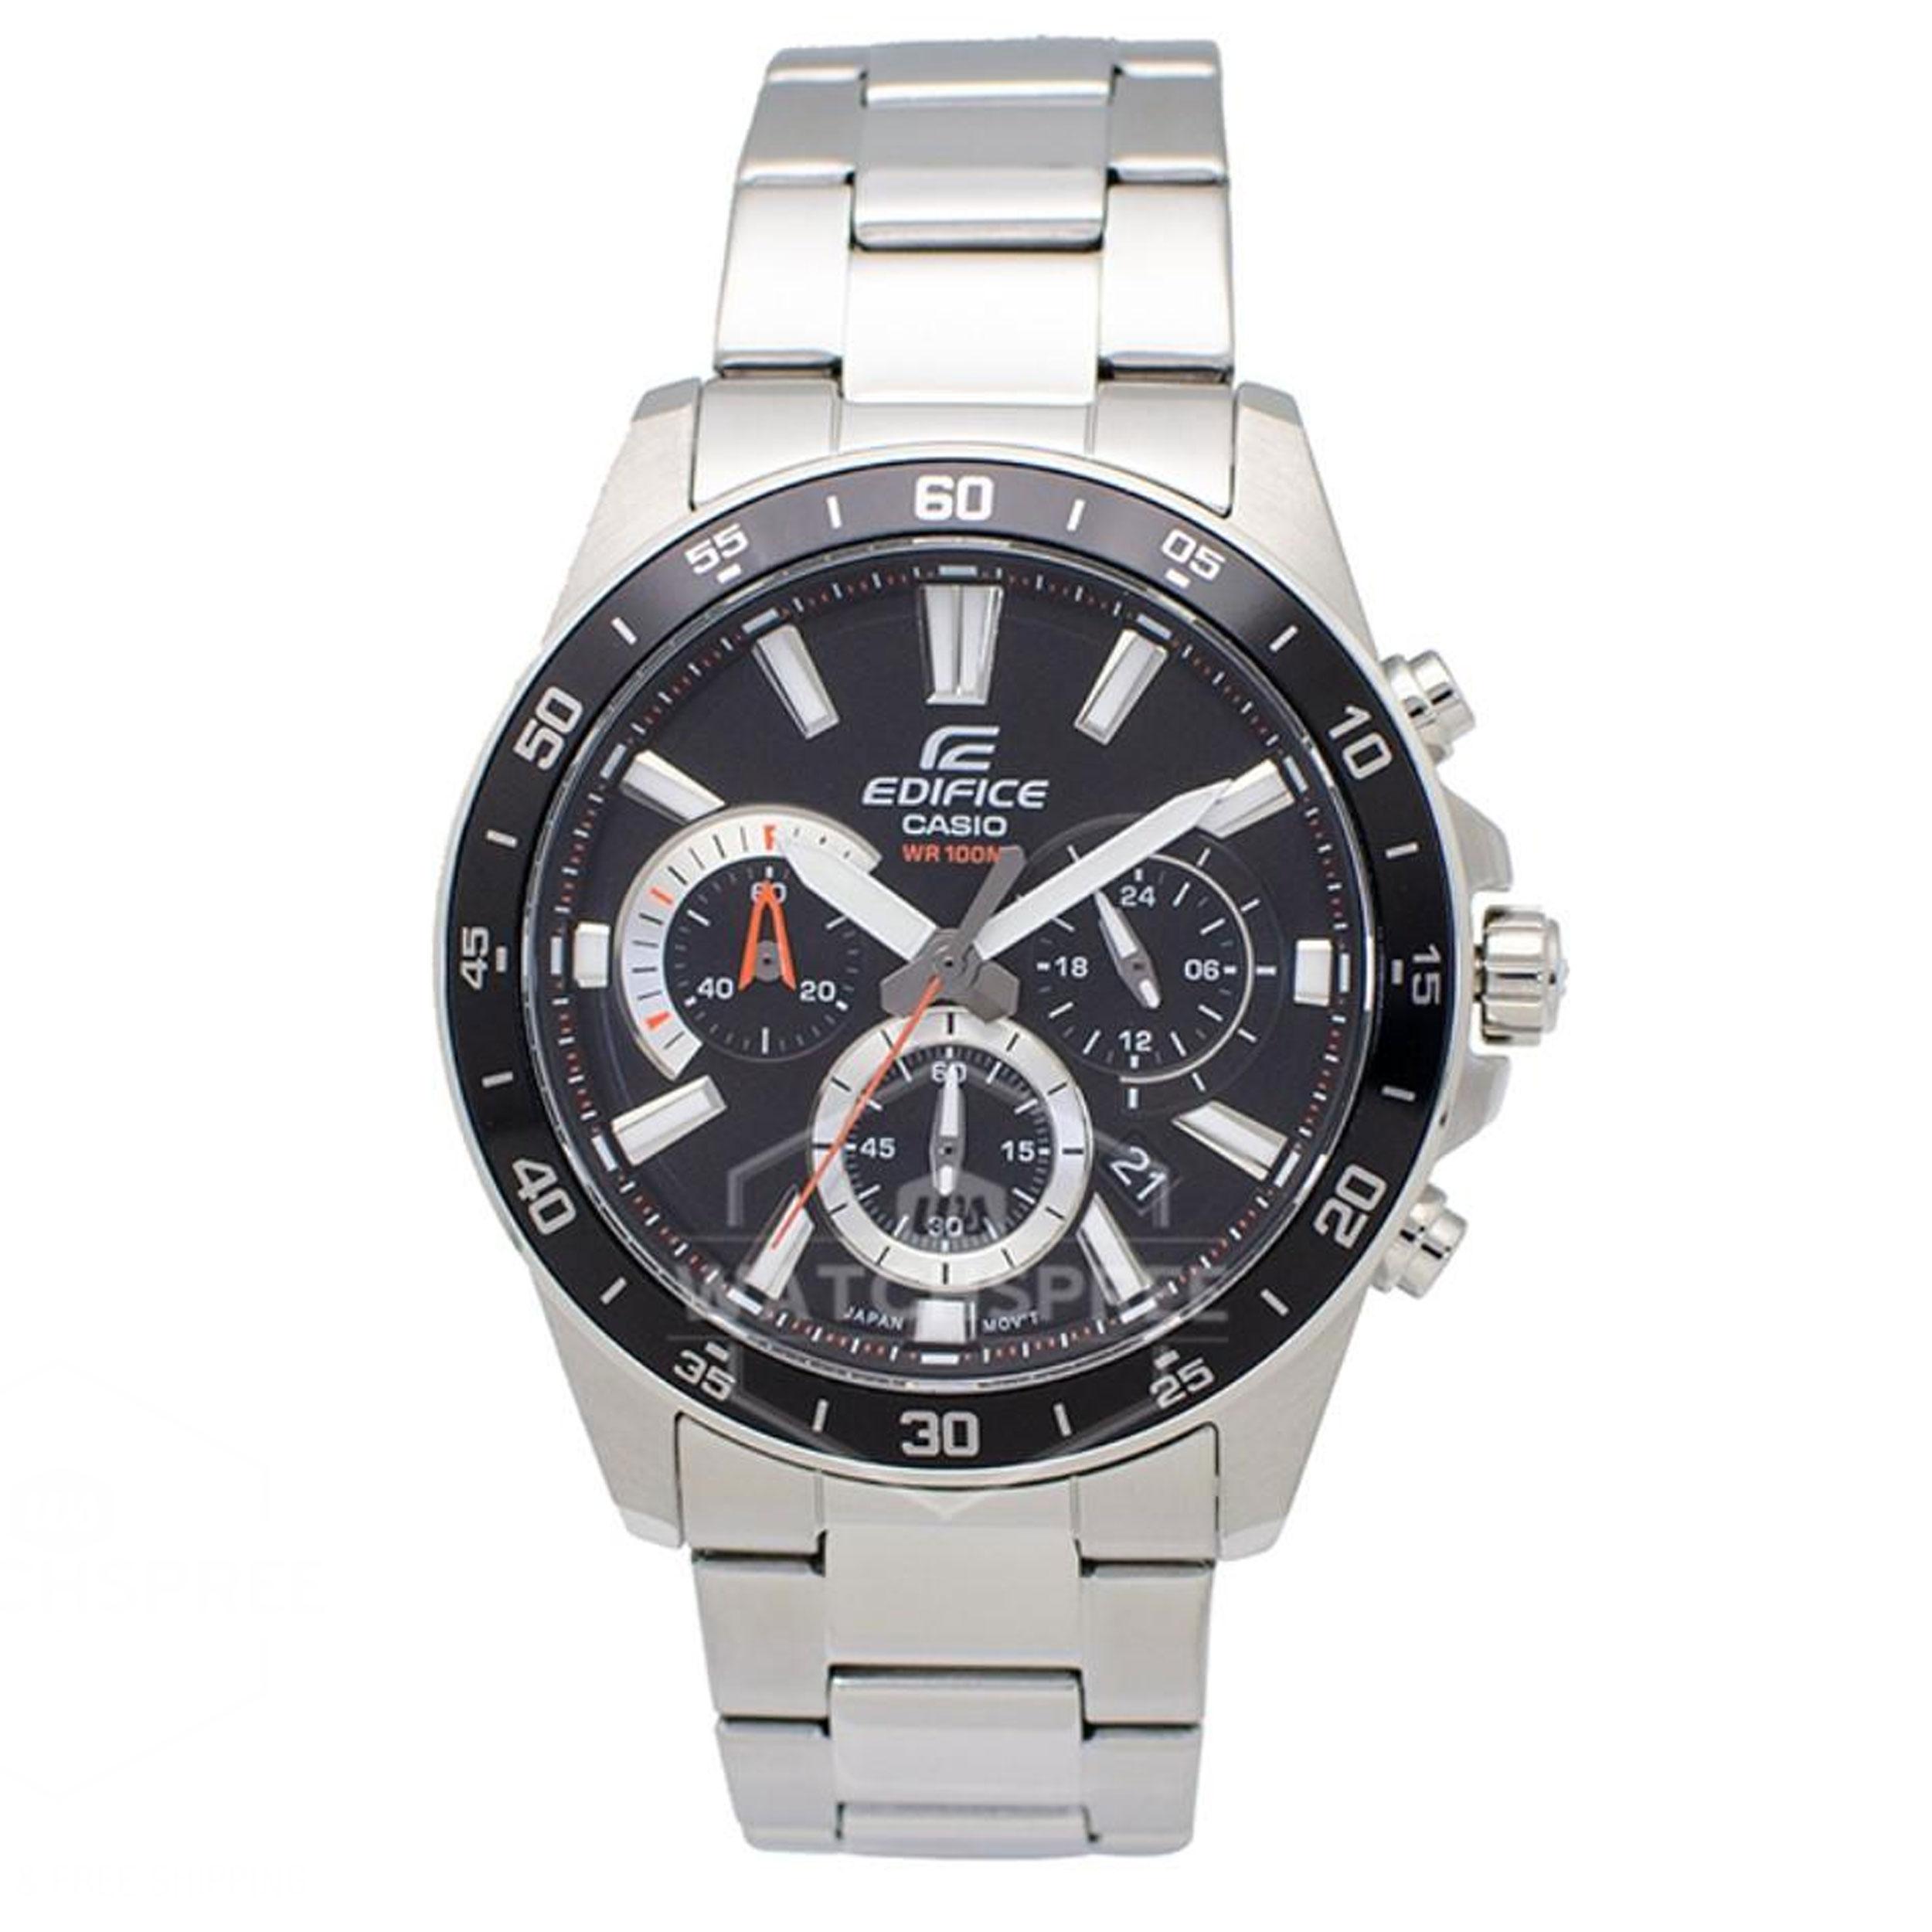 خرید                     ساعت مچی عقربه ای مردانه کاسیو مدل EFV-570D-1A